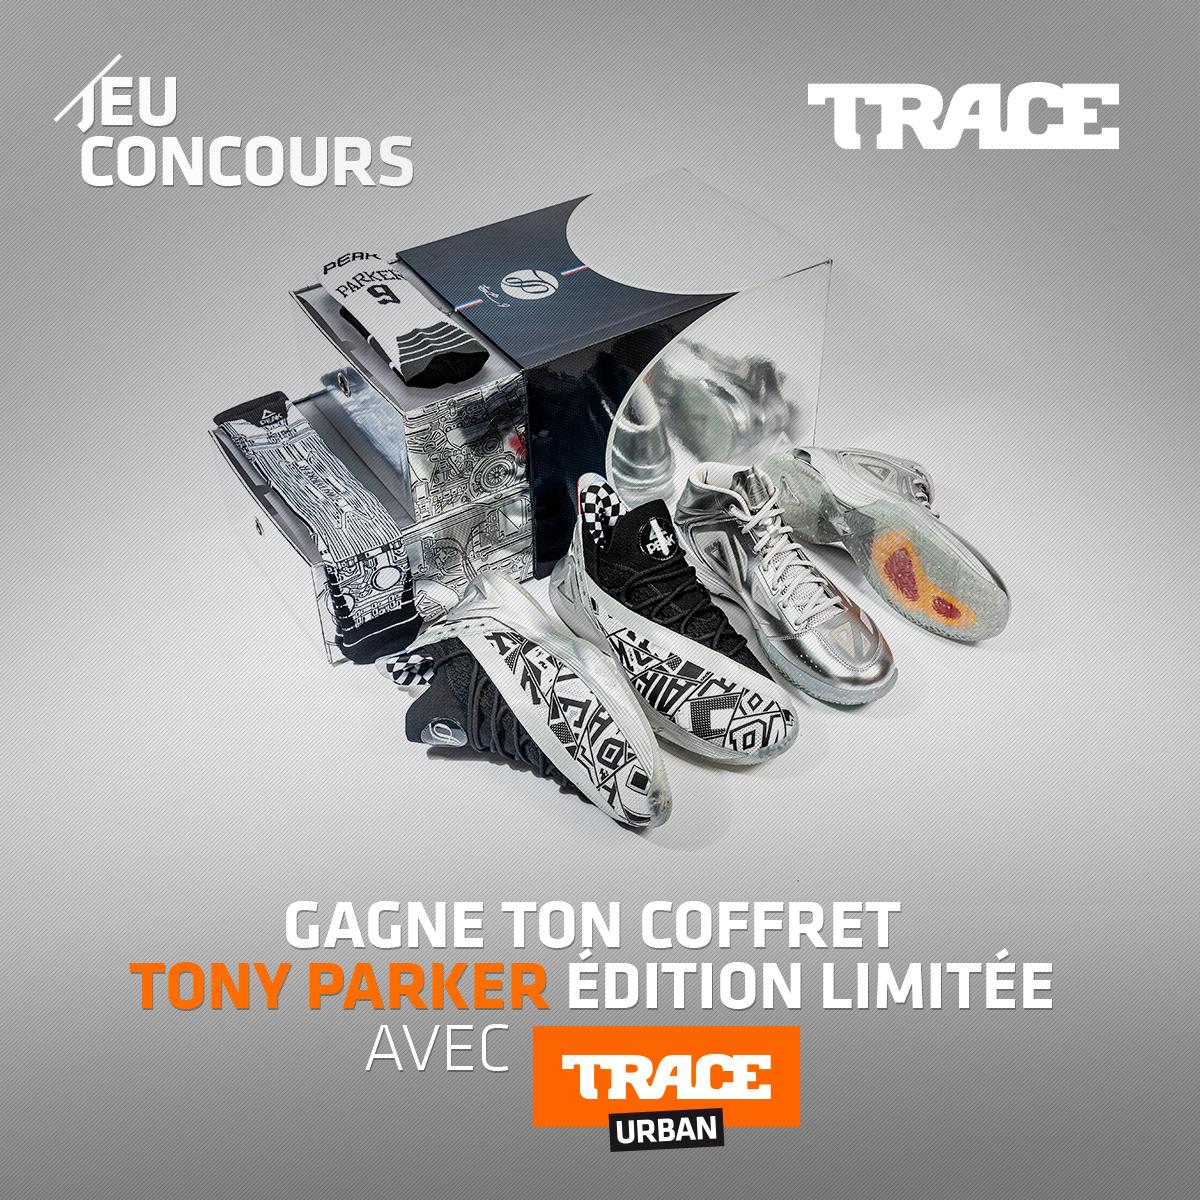 Jeu Concours Tente De Gagner Un Coffret Tony Parker Edition Limitee Trace Fr